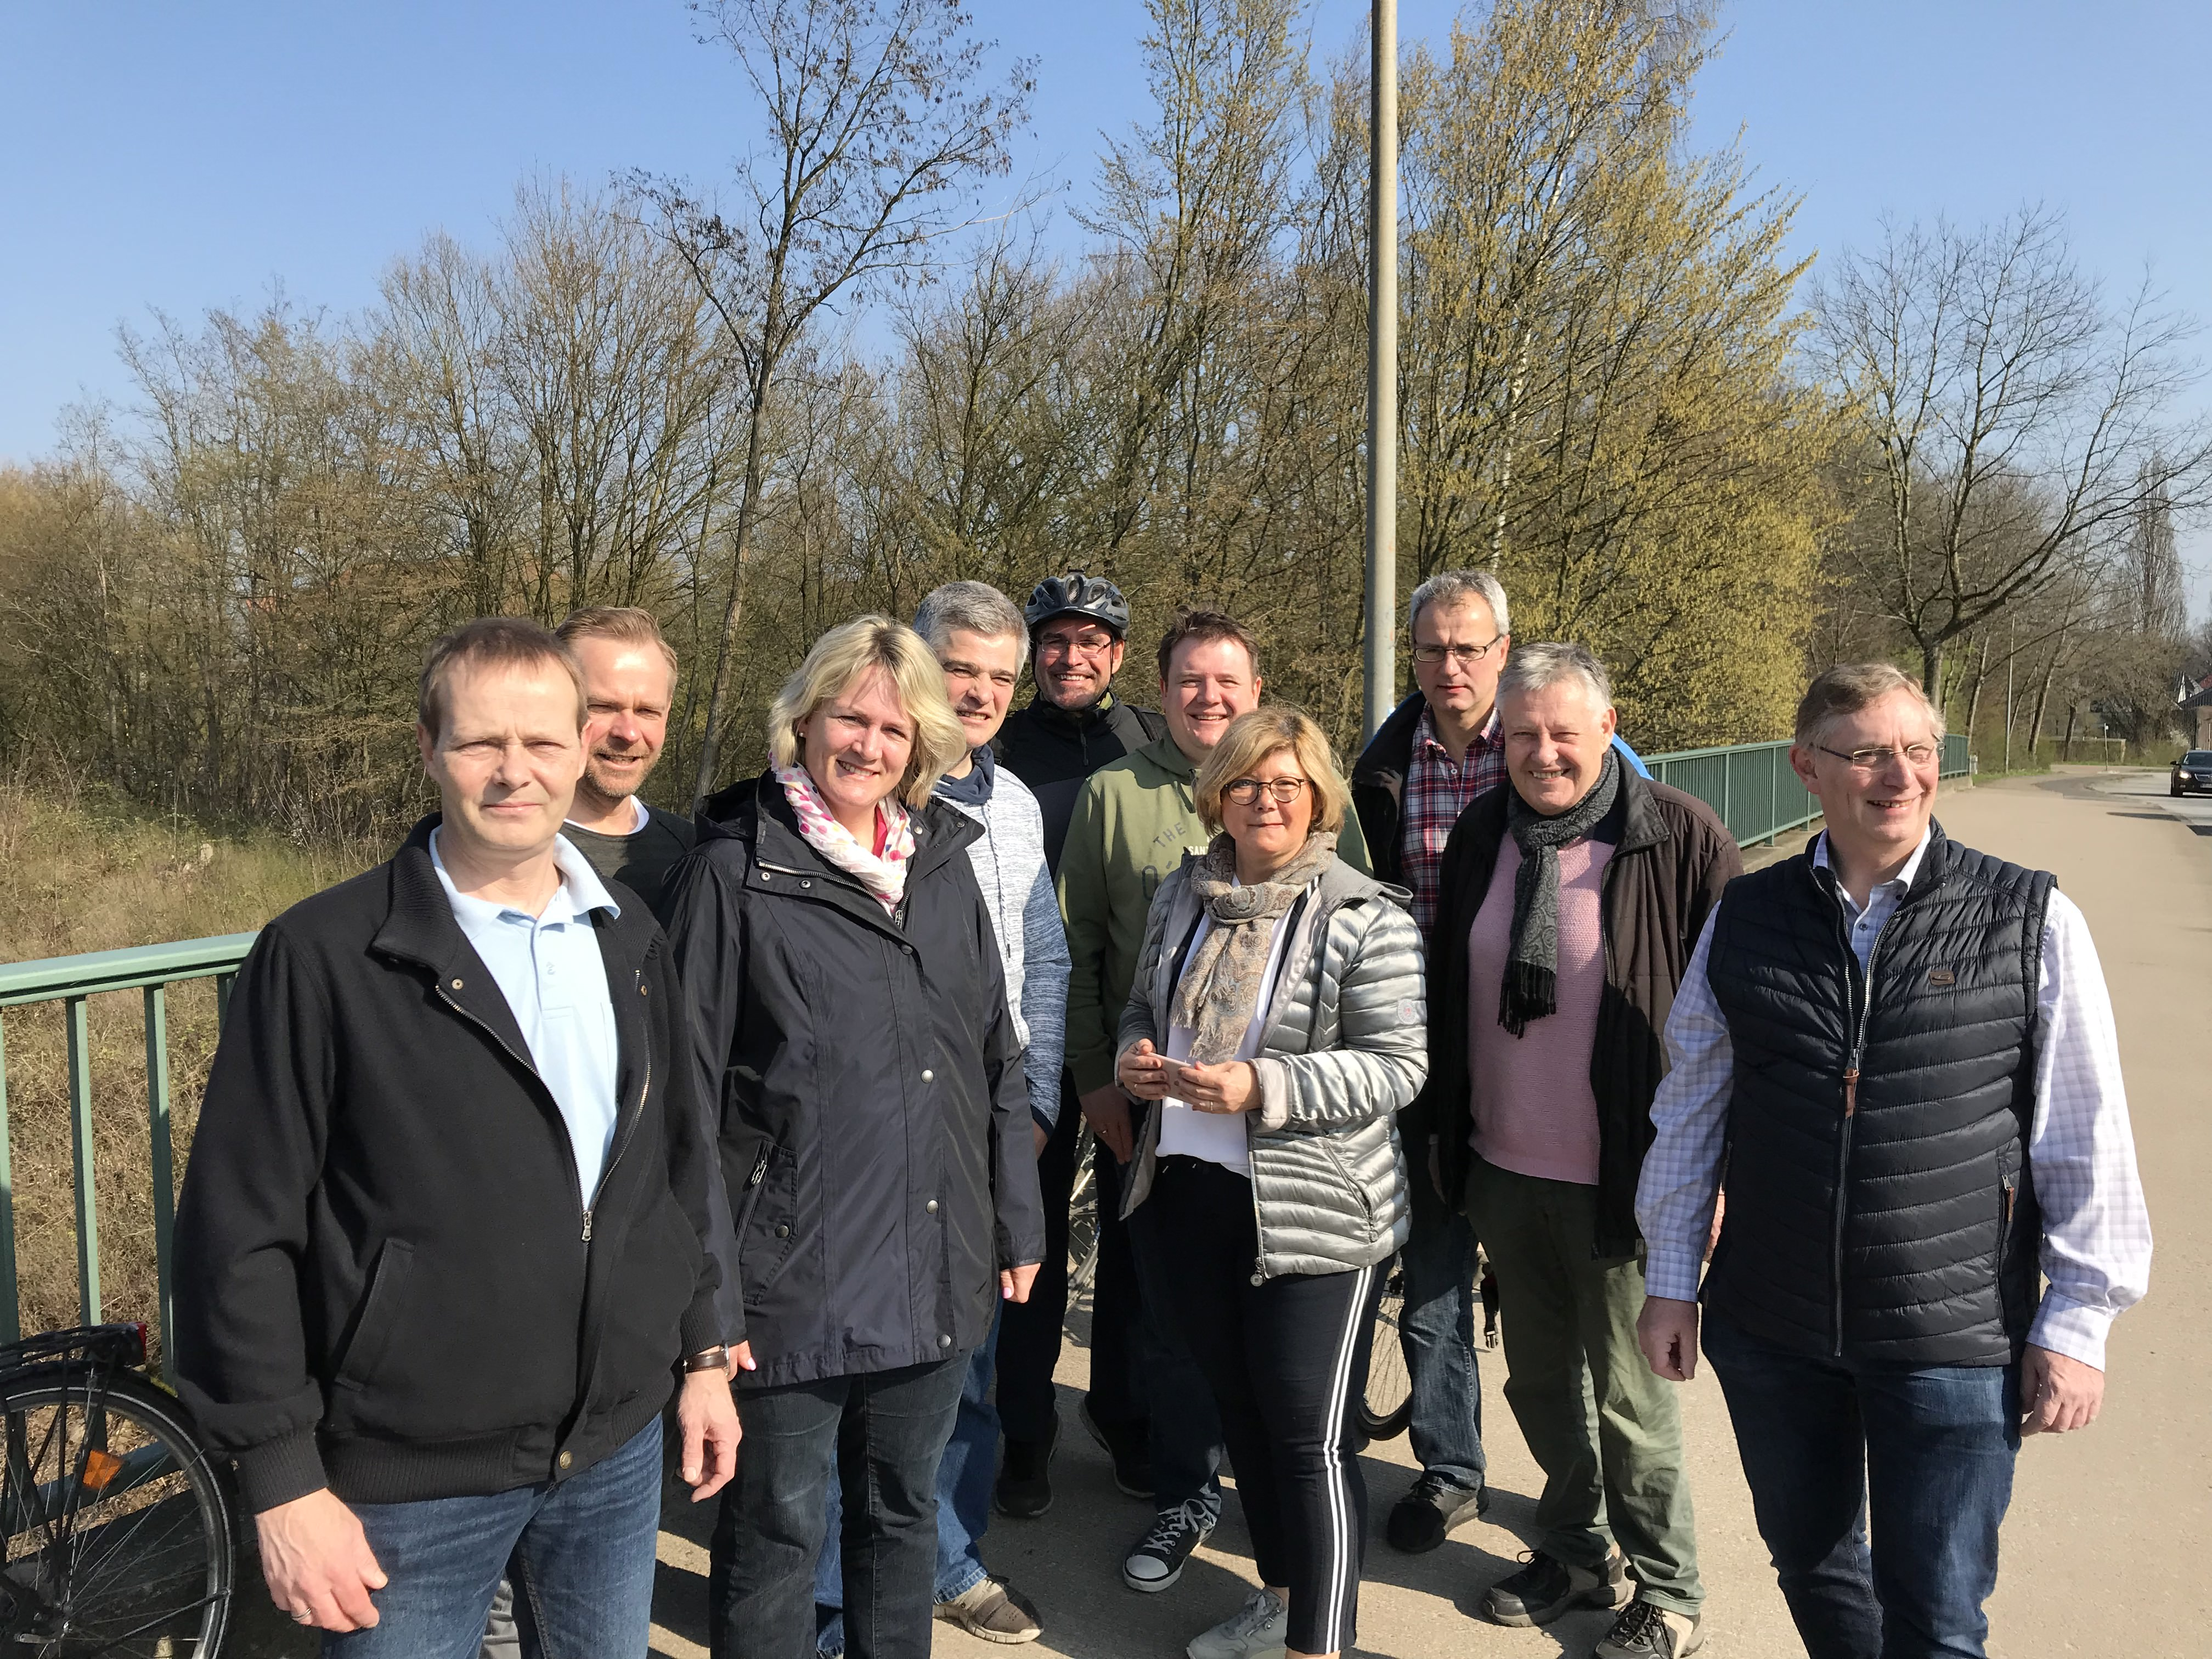 Schnelle Wege durch Elmshorn – Gemeinsame Radtour der beiden Fraktionen CDU und Bündnis 90/Die Grünen